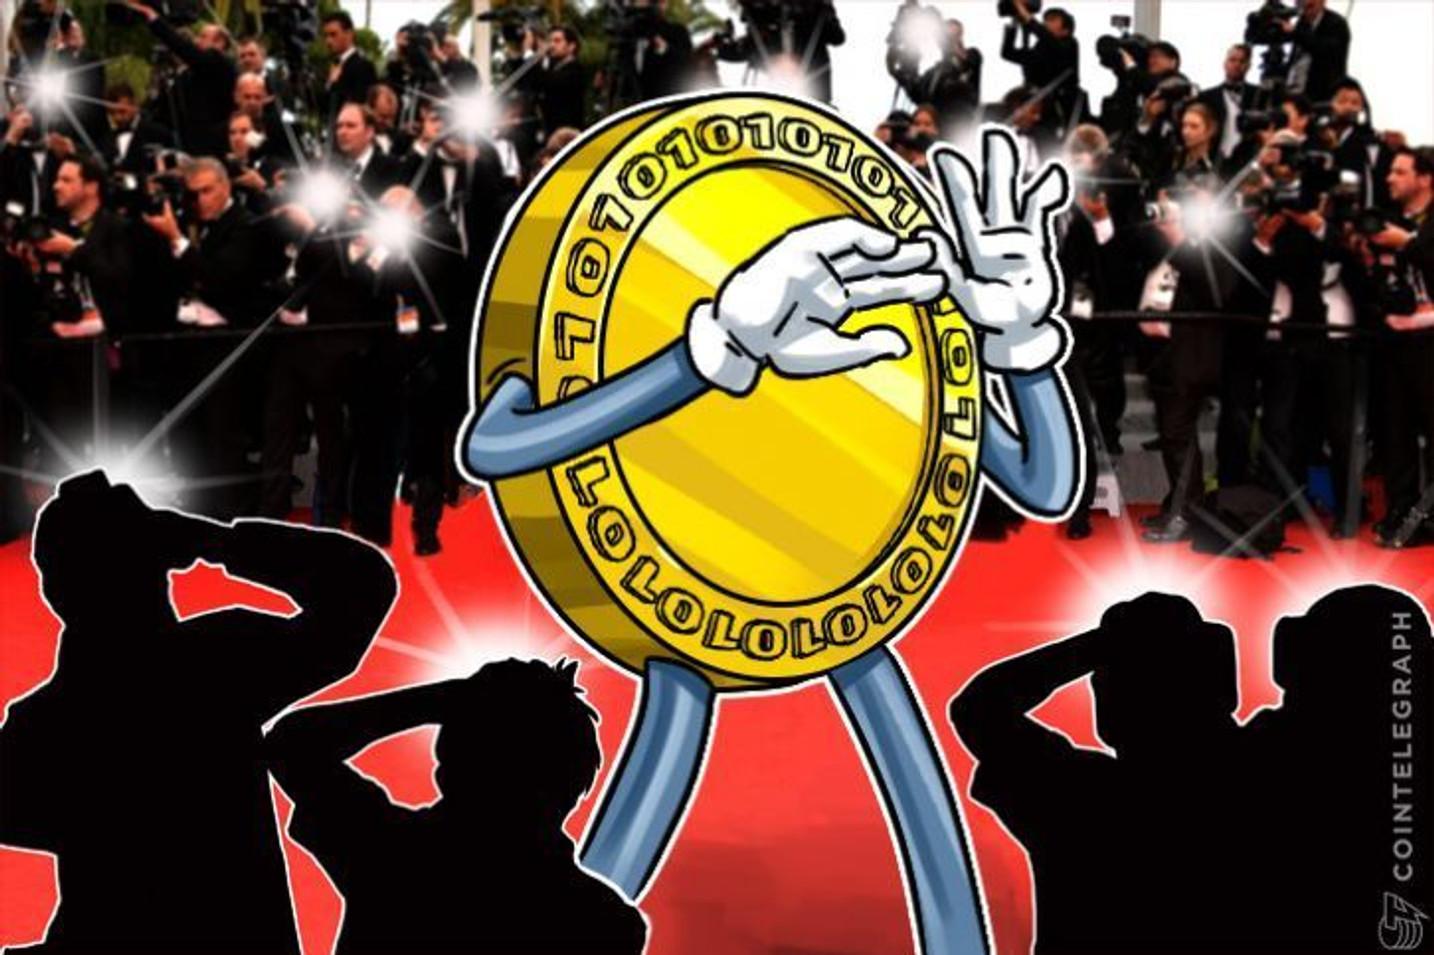 JPモルガン・チェースのCEOが、政府はビットコインを禁止するであろうと警告;仮想通貨は何の価値もない